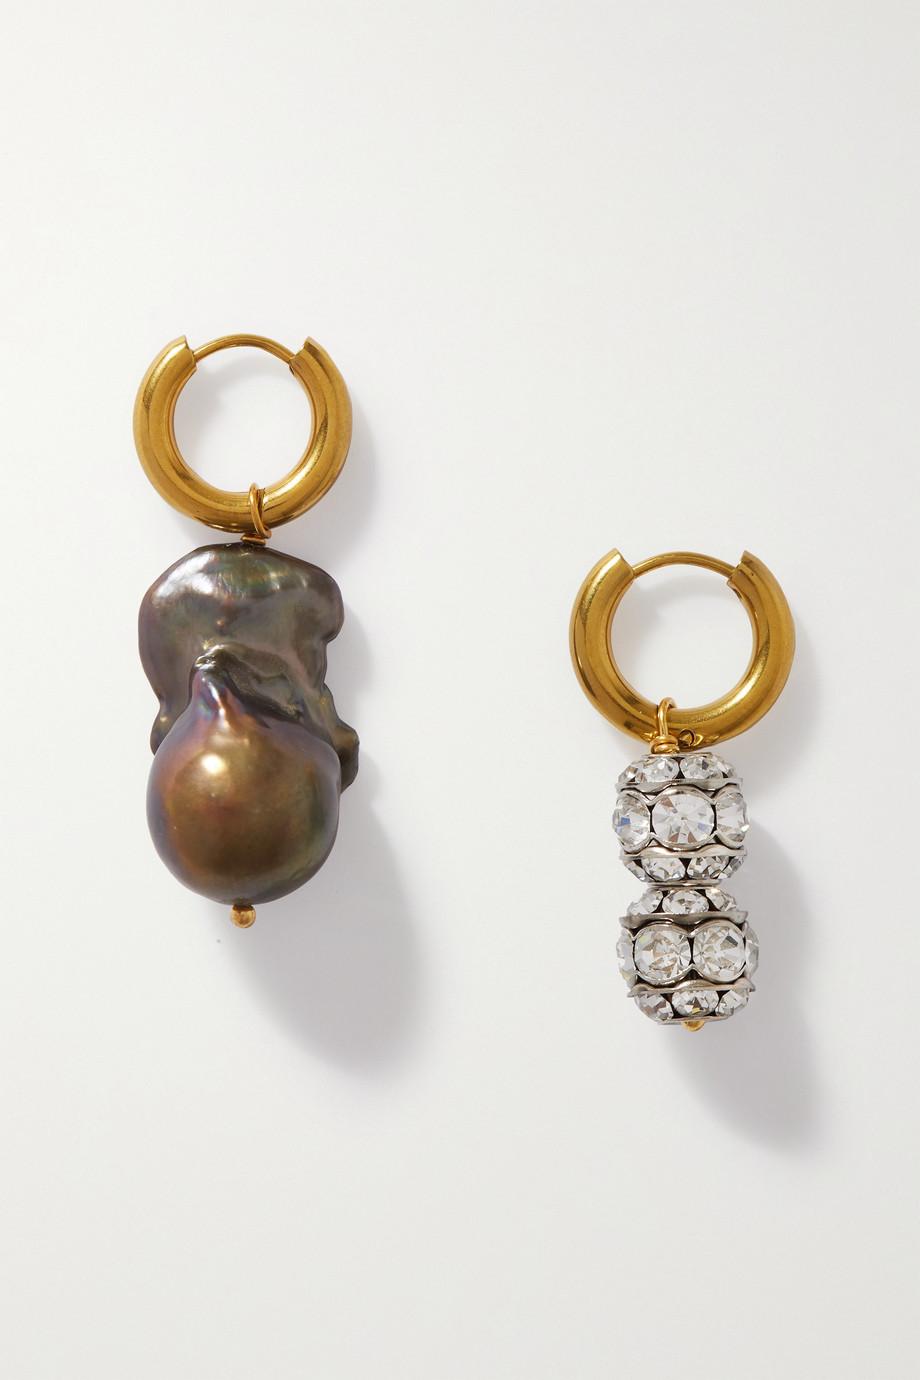 Timeless Pearly Boucles d'oreilles en métal doré et argenté, cristaux et perle